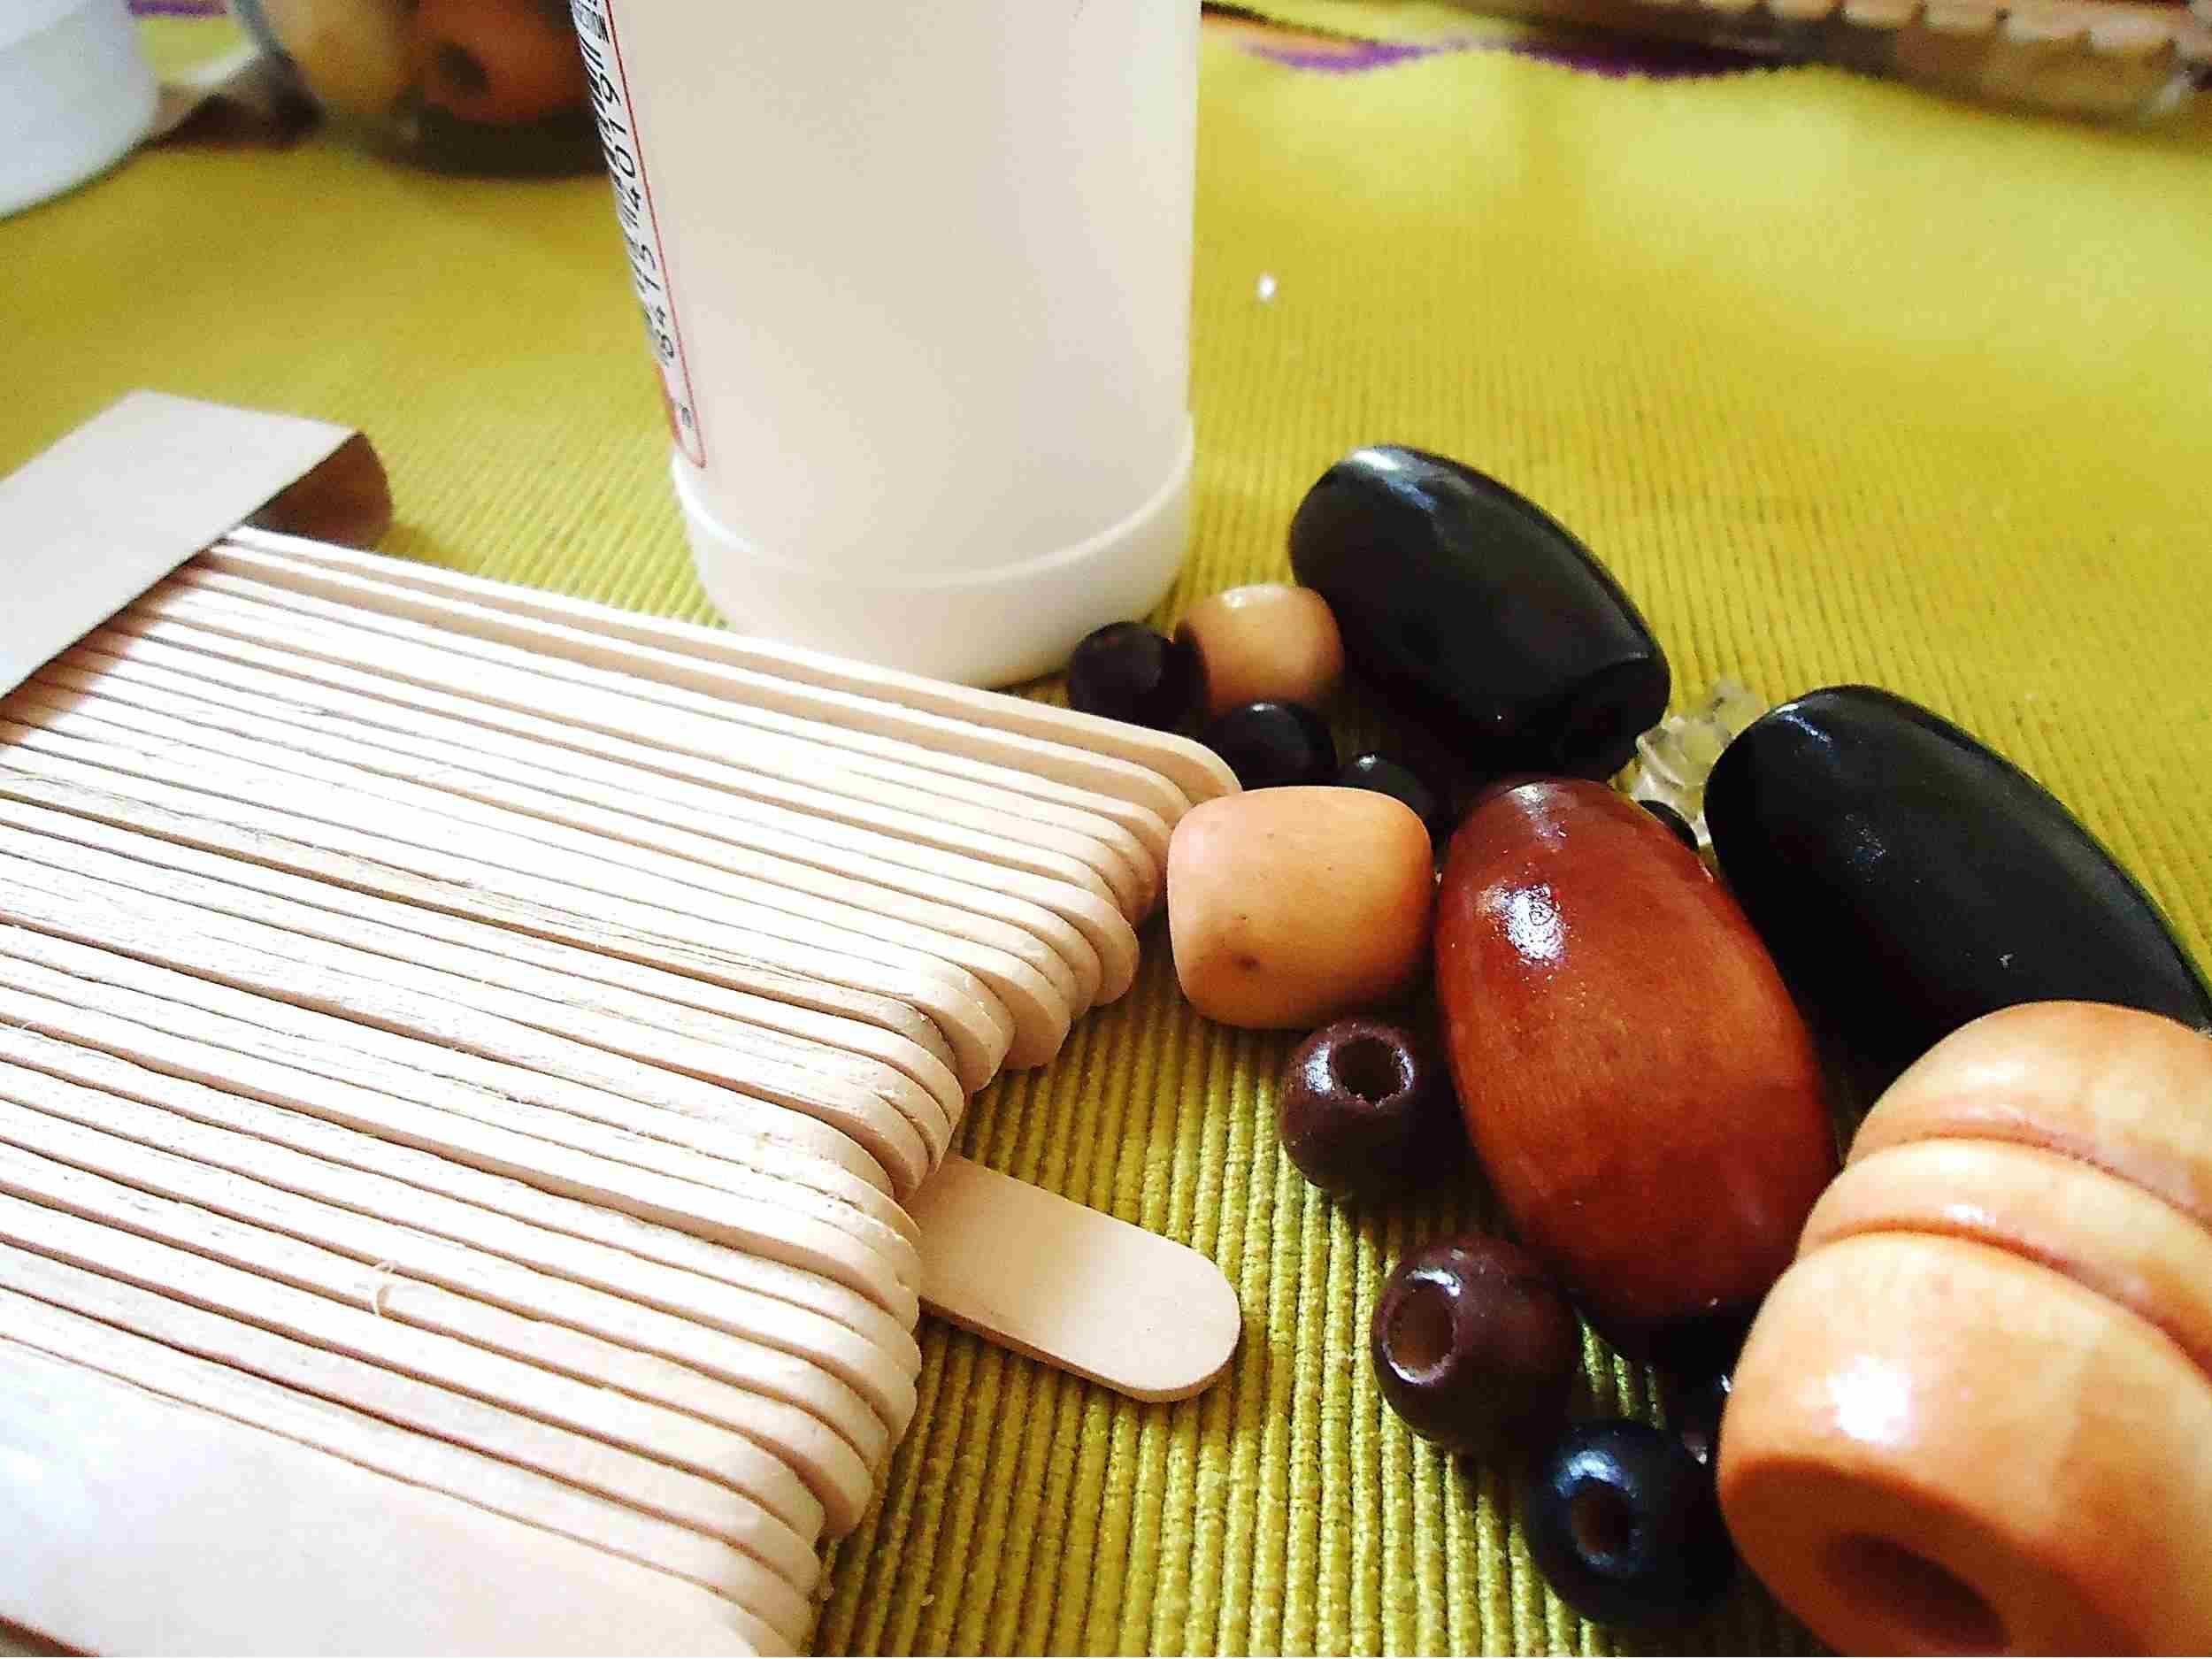 palitos de madera y cuentas materiales